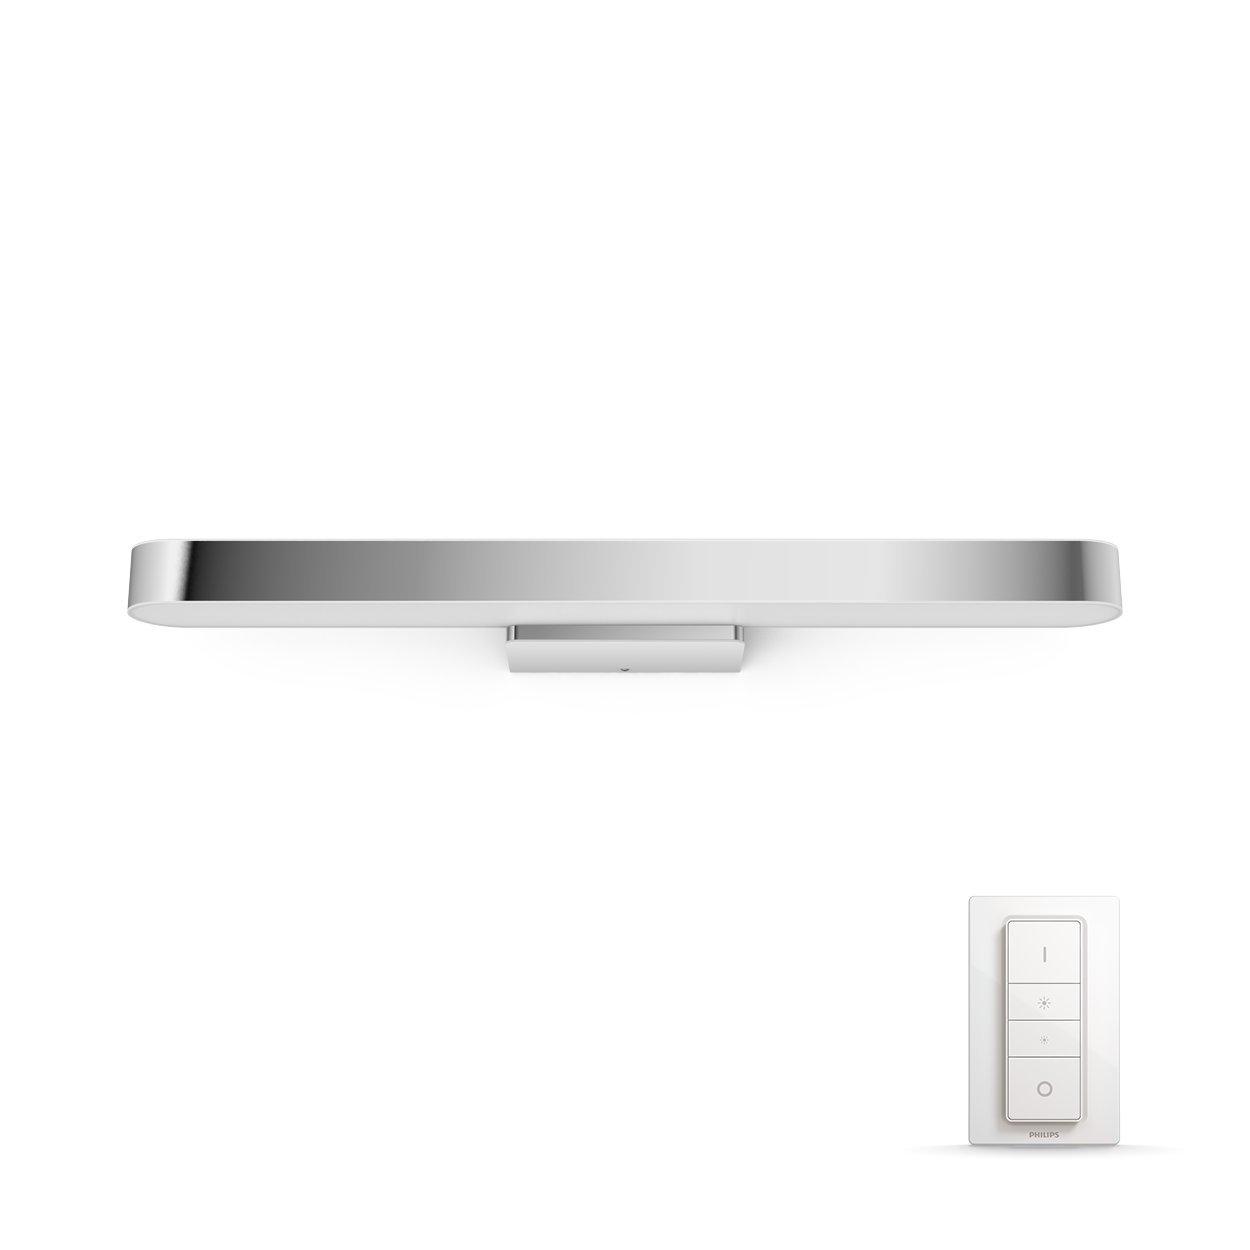 Philips Hue LED Spiegelleuchte Adore, dimmbar, alle Weißschattierungen, steuerbar via App, kompatibel mit Amazon Alexa (Echo, Echo Dot), weiß